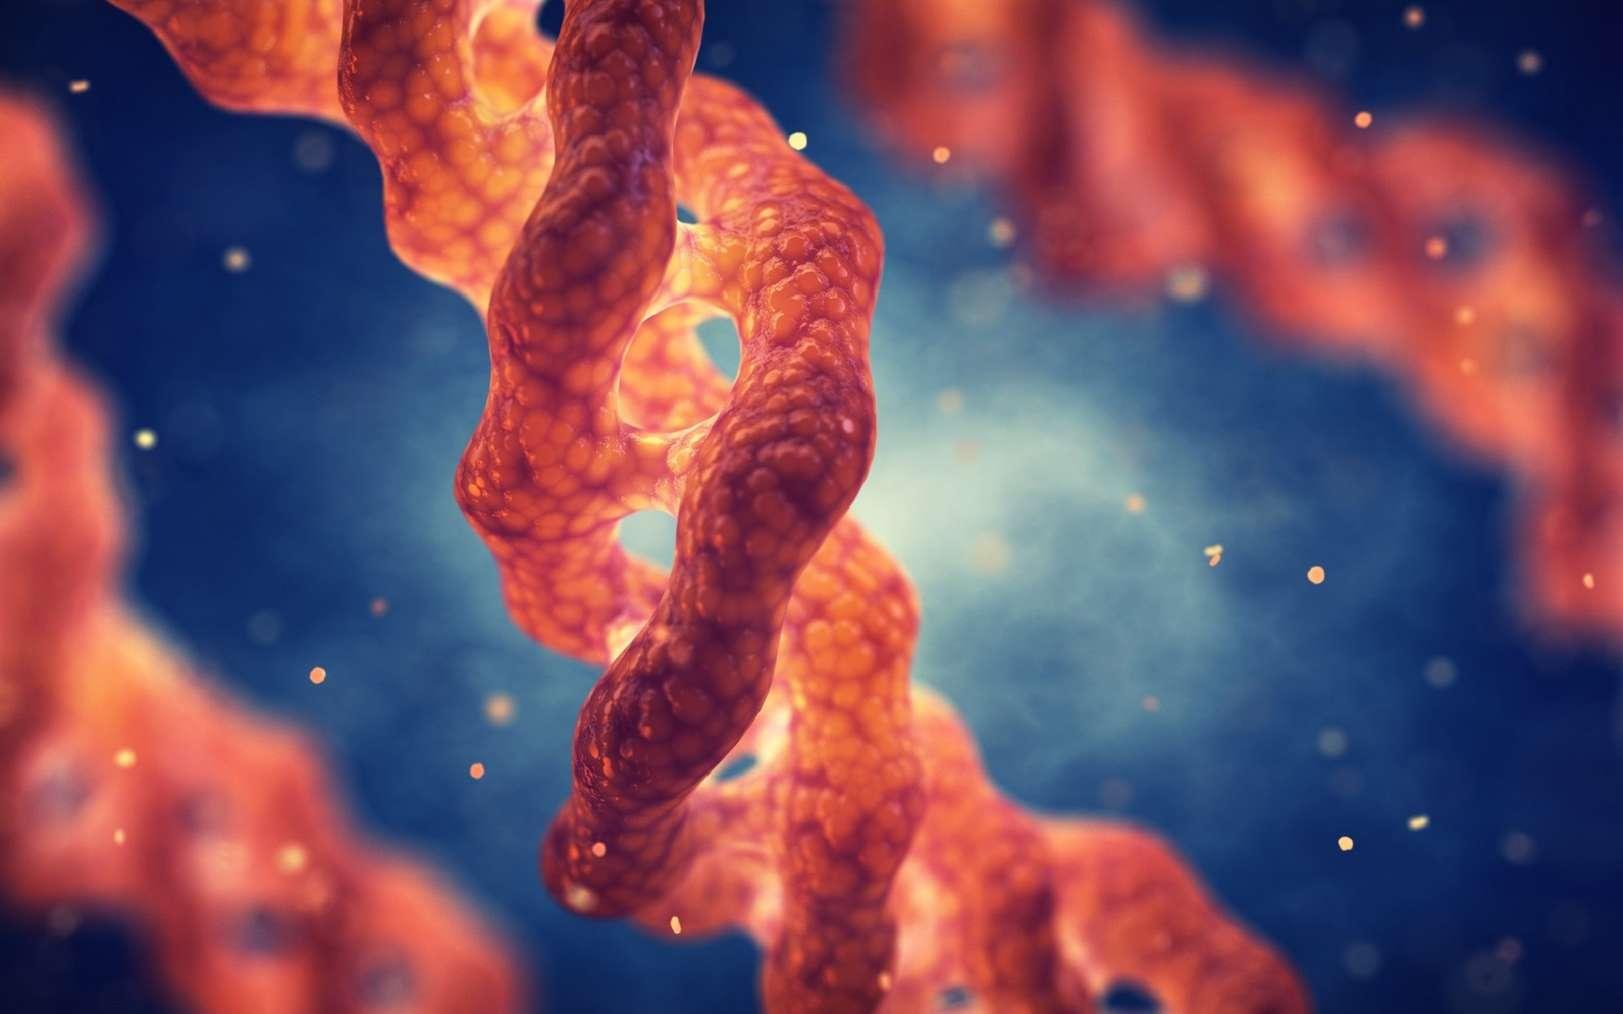 La molécule de collagène s'organise en une triple hélice. © nobeastsofierce, Fotolia